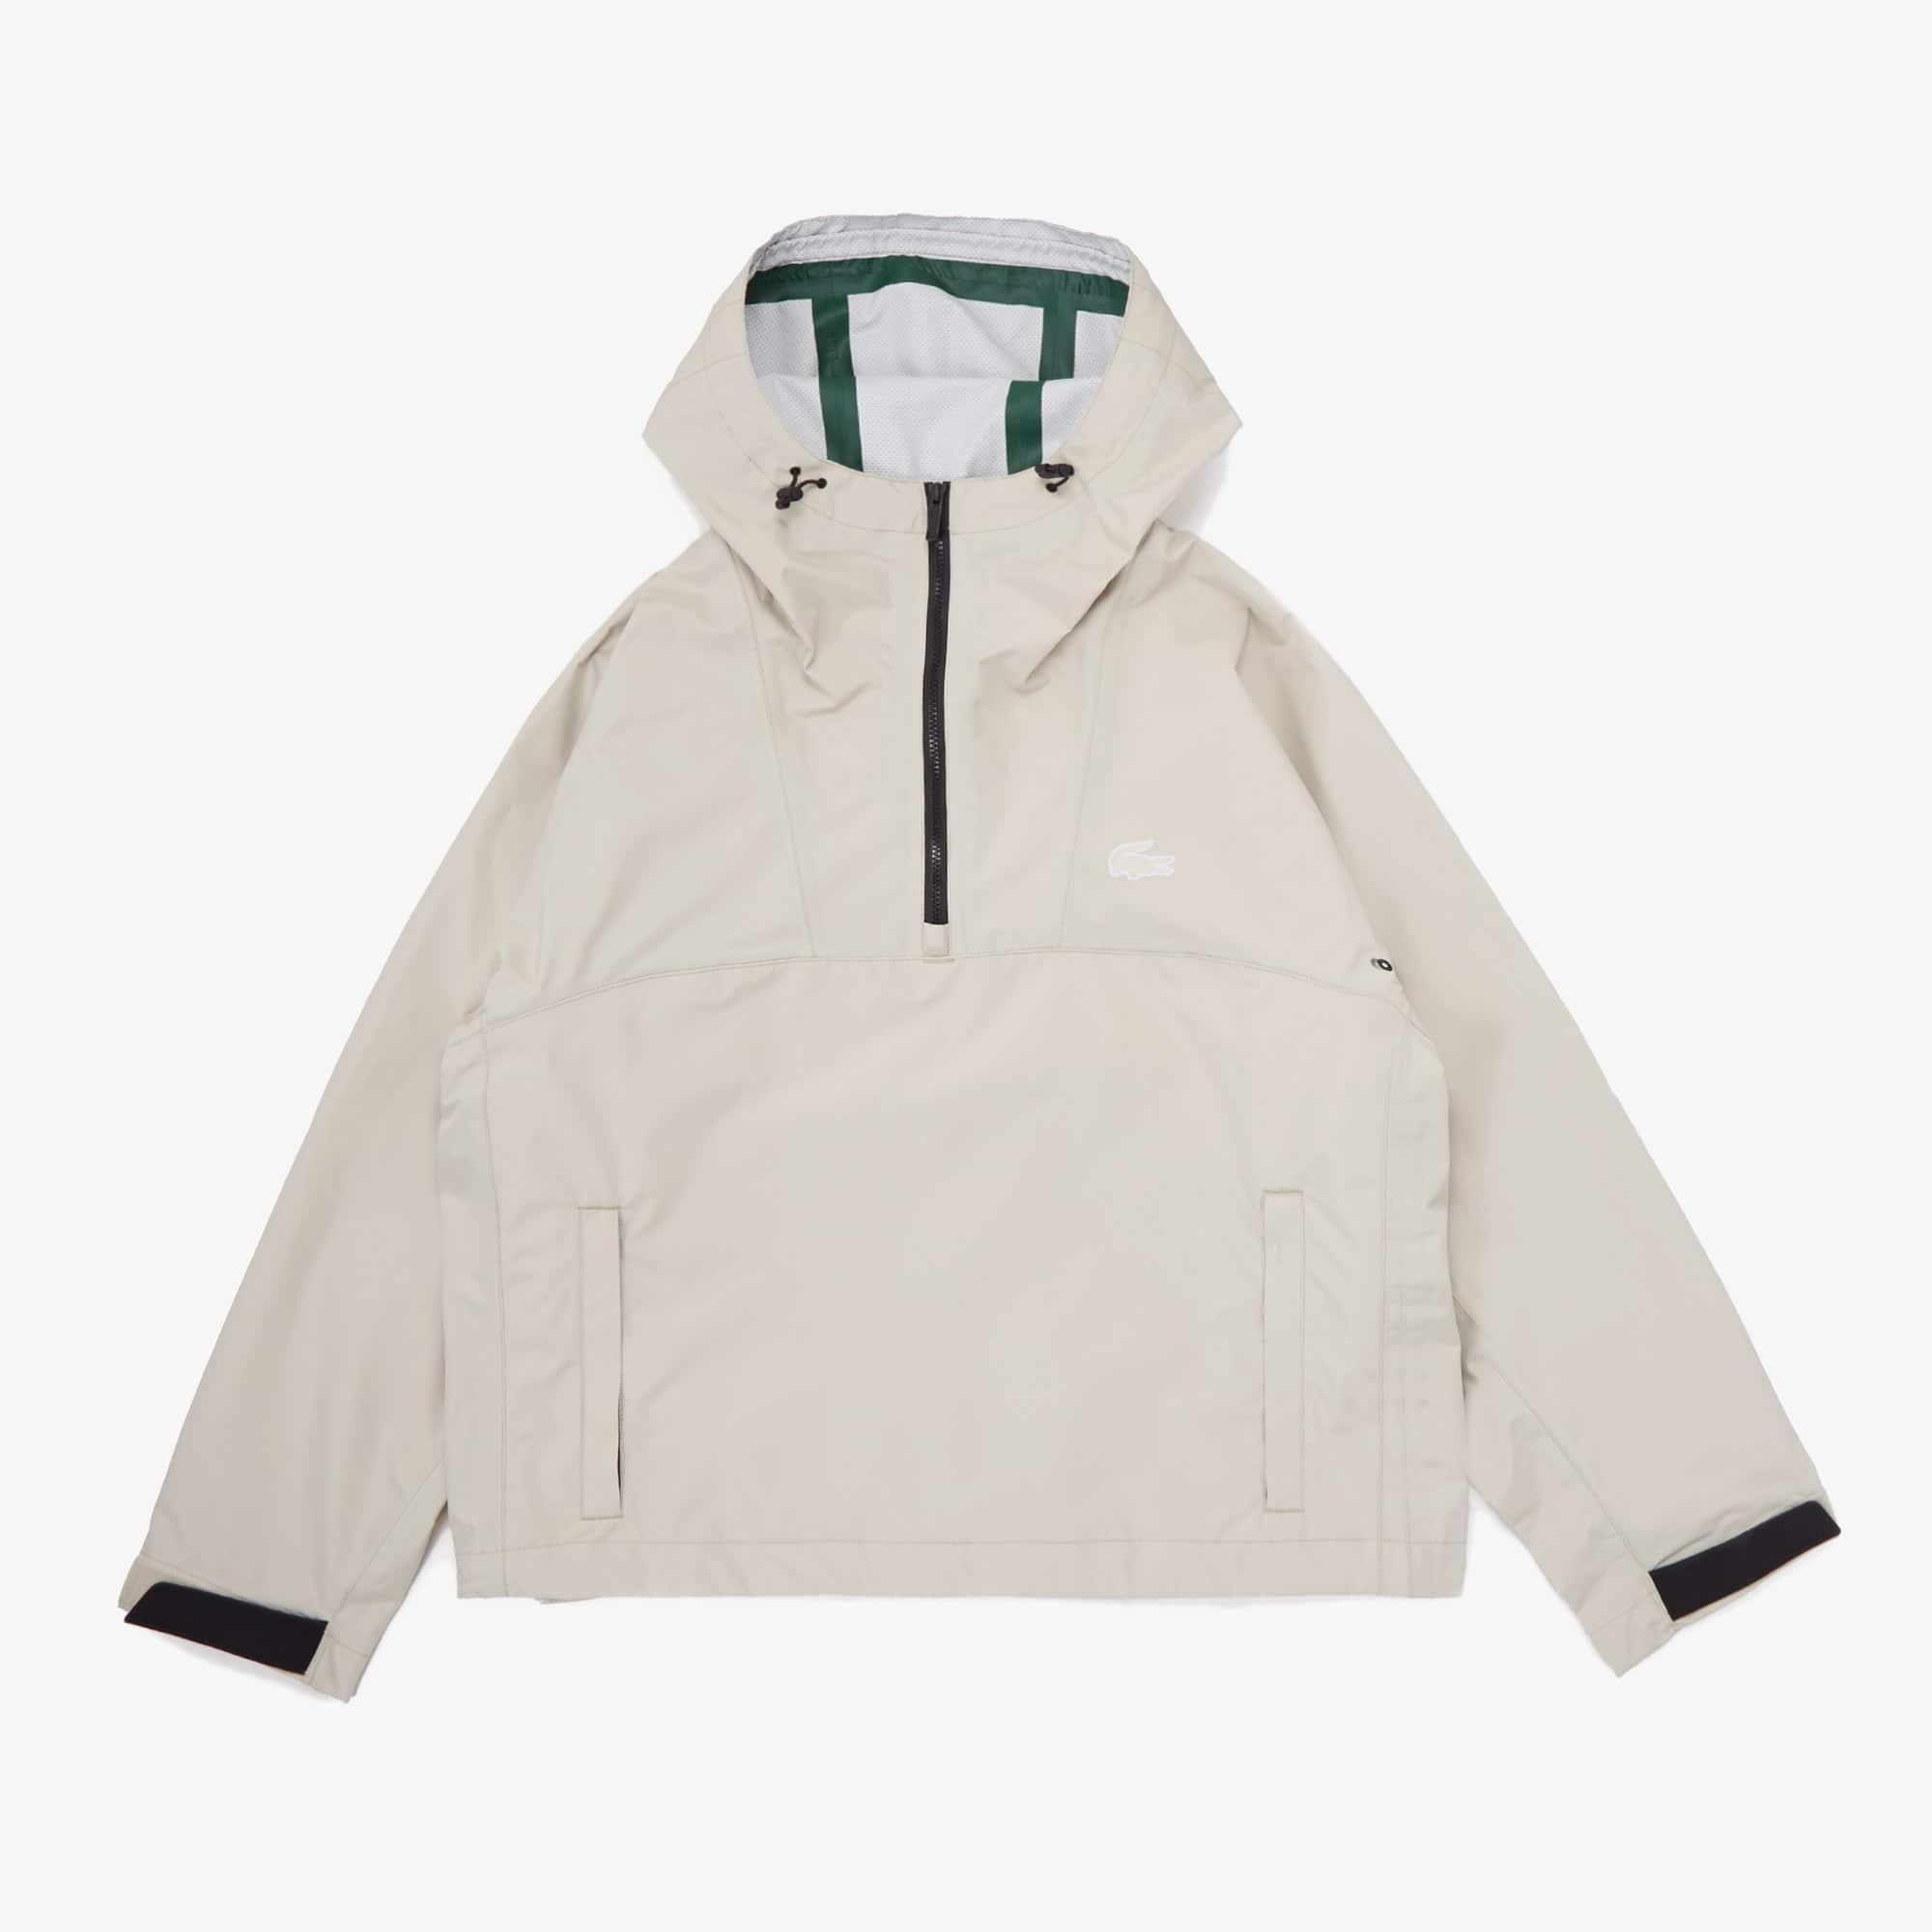 라코스테 우먼 풀오버 자켓 Lacoste Women's Hooded Pullover Jacket,Beige / Black KLF